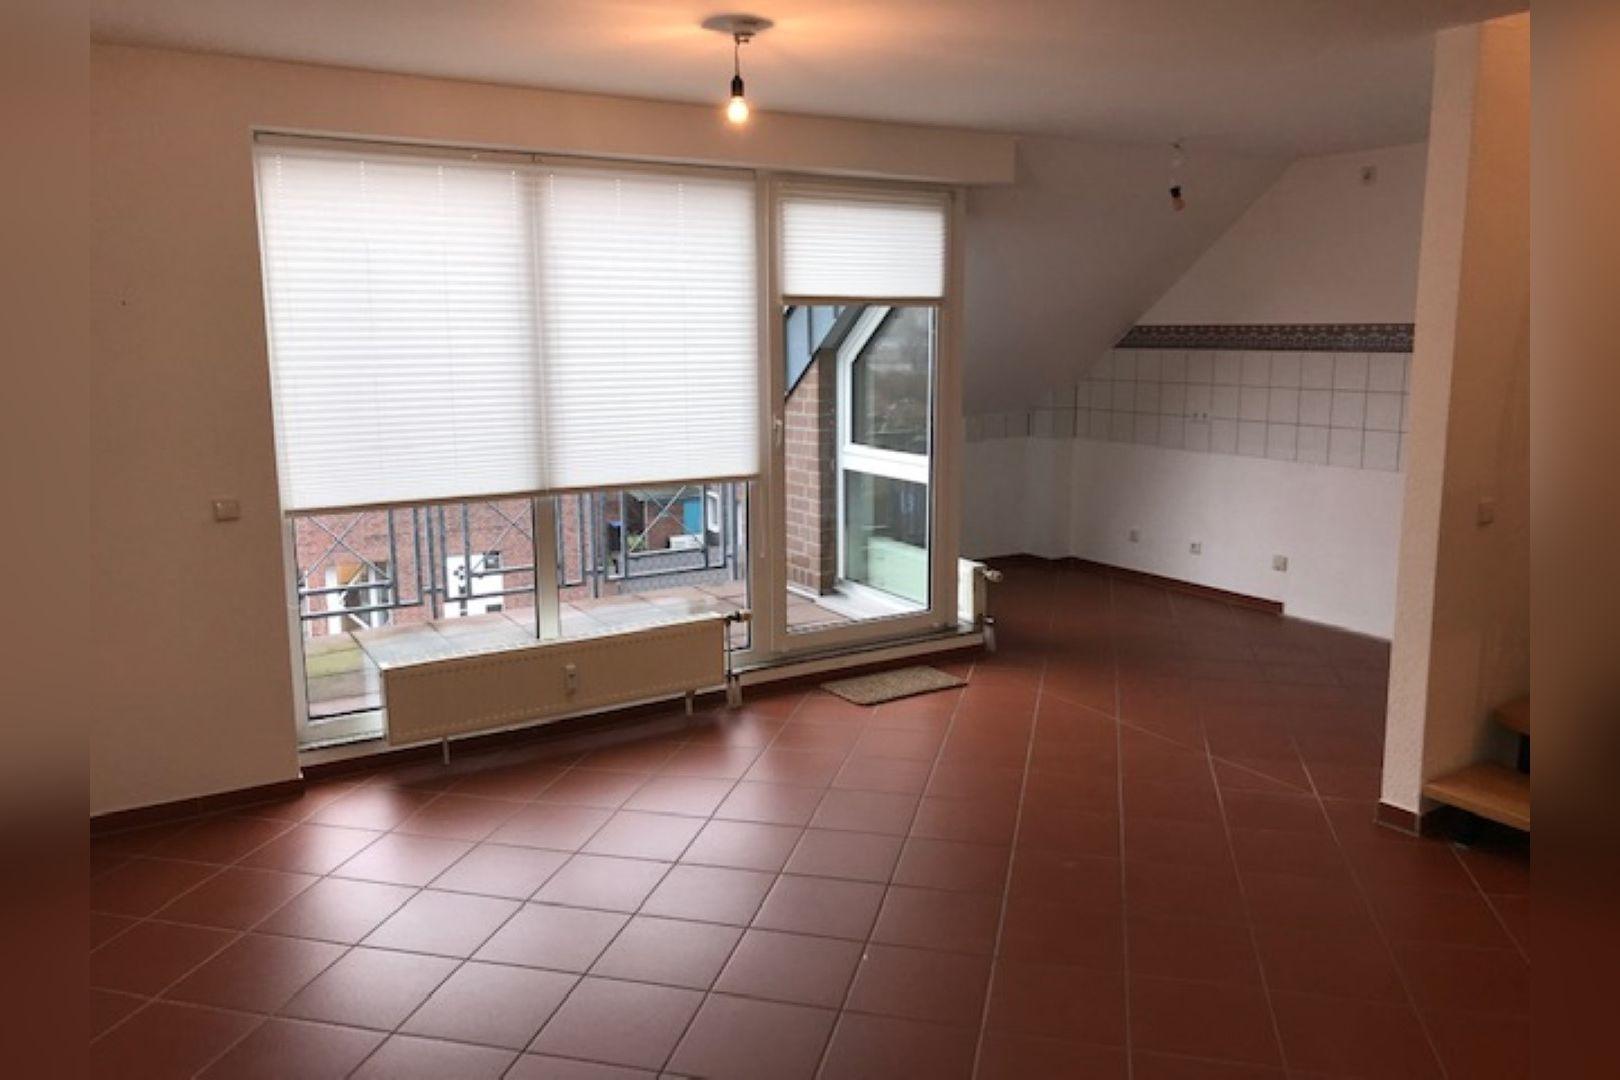 Immobilie Nr.0253 - 3-Zimmer-Maisonette-Wohnung  - Bild 6.jpg